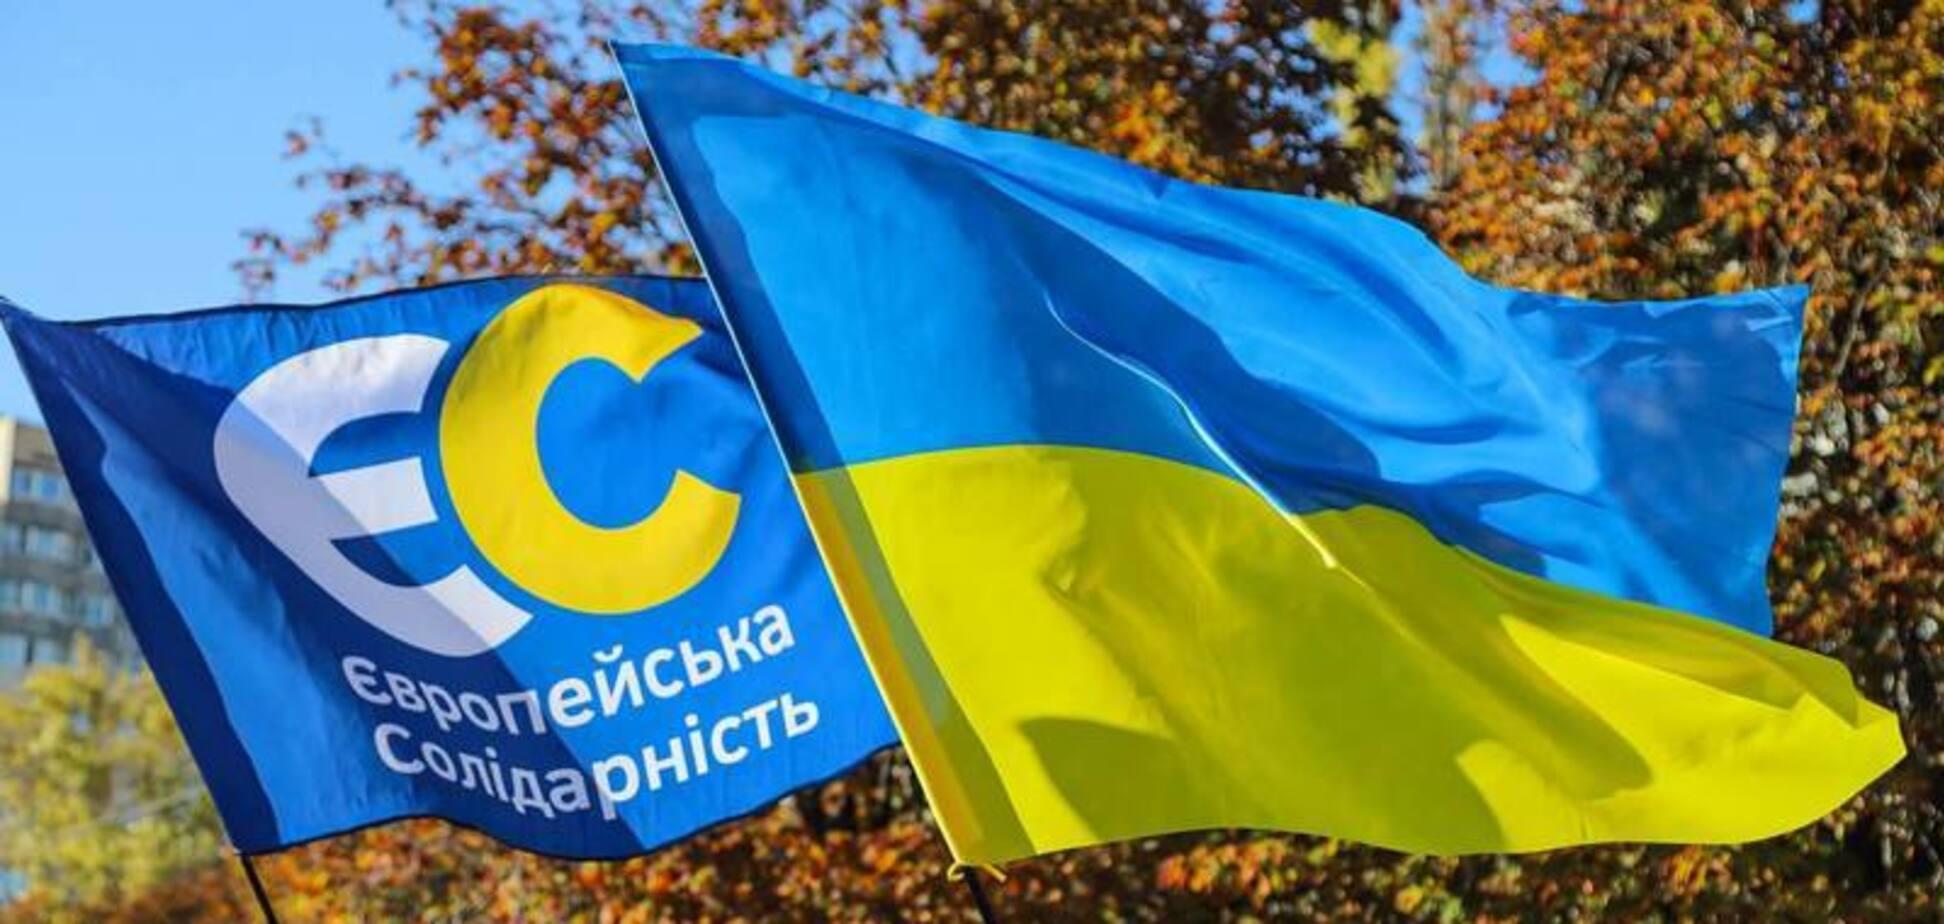 Представники 'Європейської Солідарності' очолили 6 з 7 райрад на Львівщині